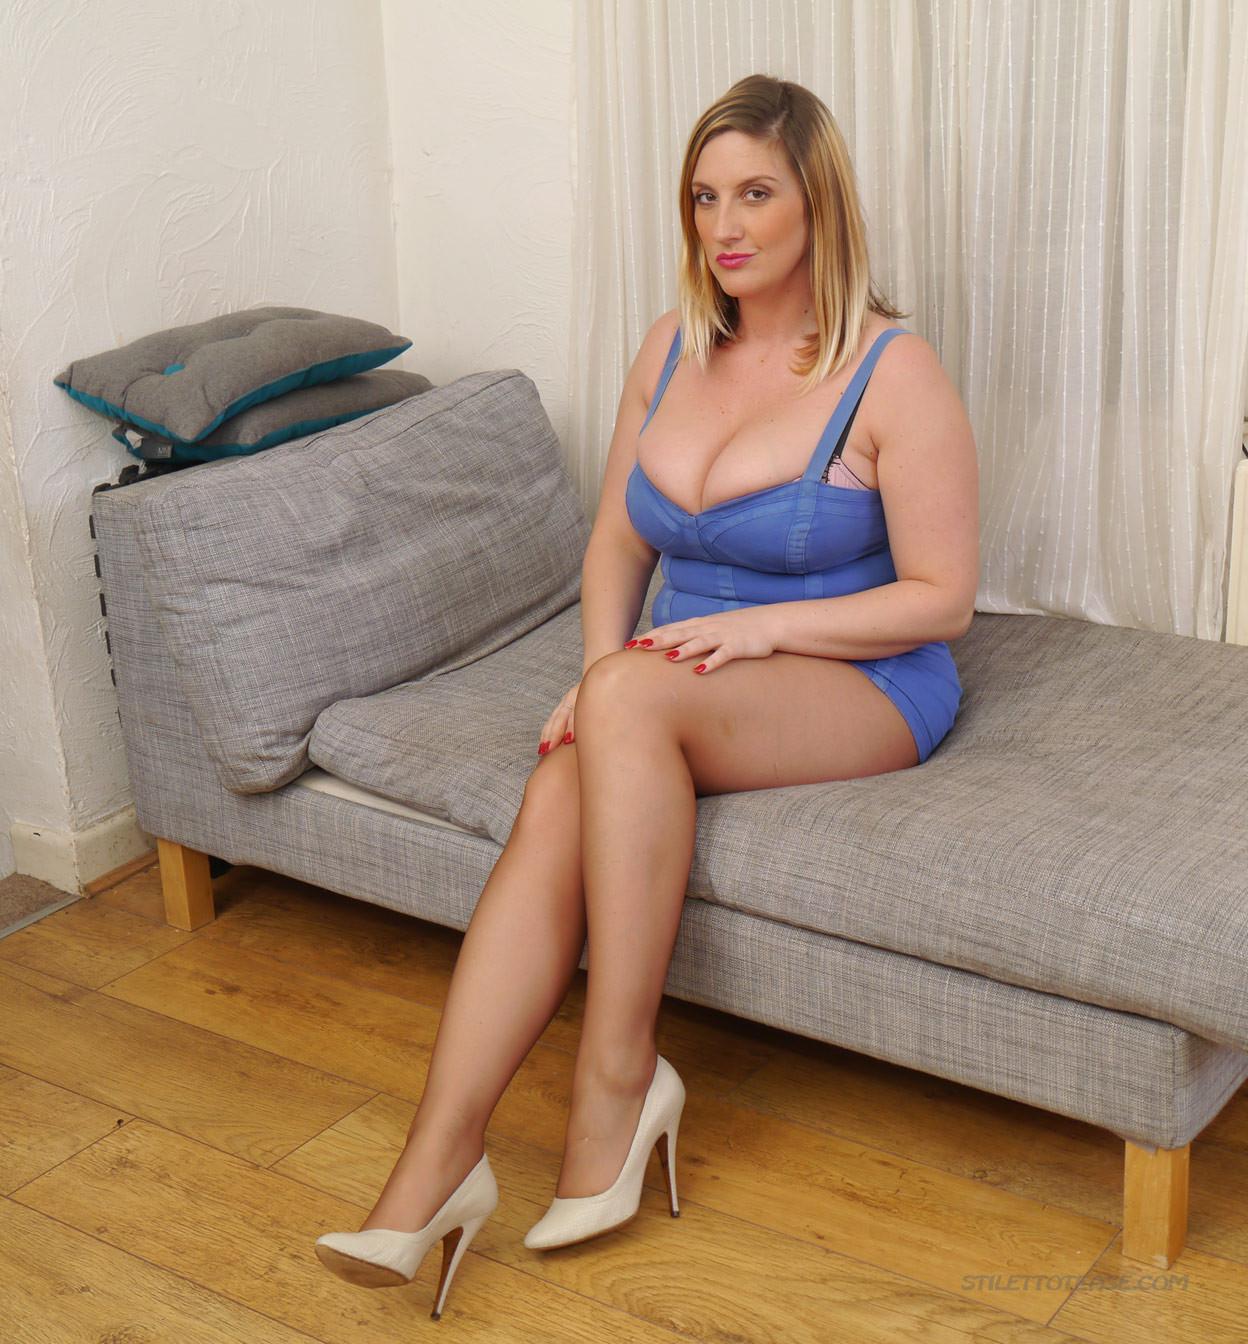 Brunette Long Legs Big Tits